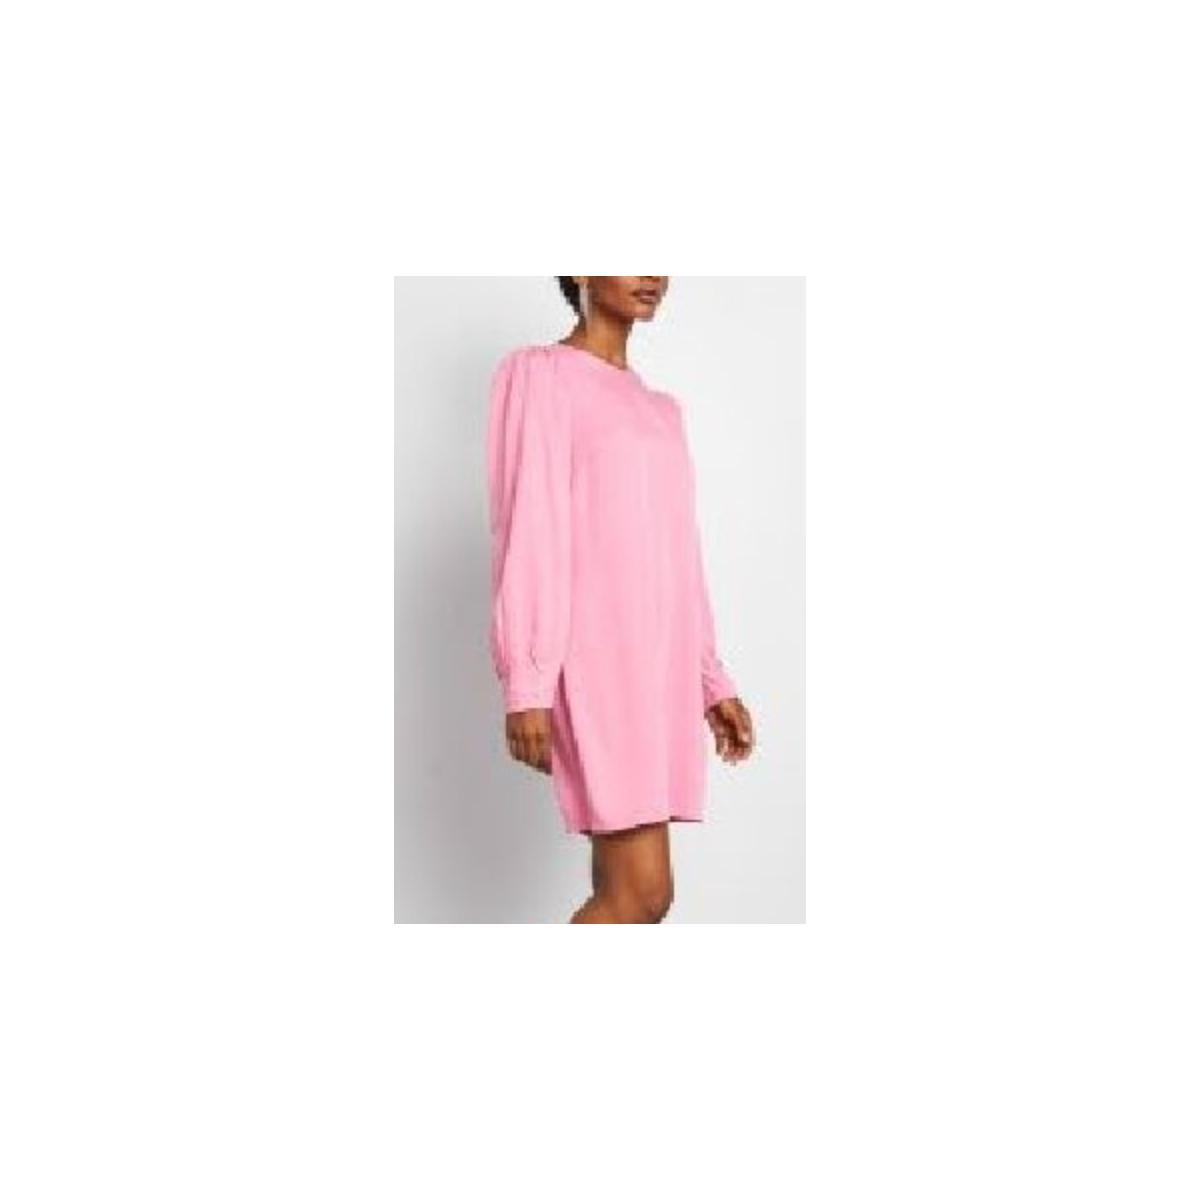 Vestido Feminino Colcci 440110627 44173 Rosa